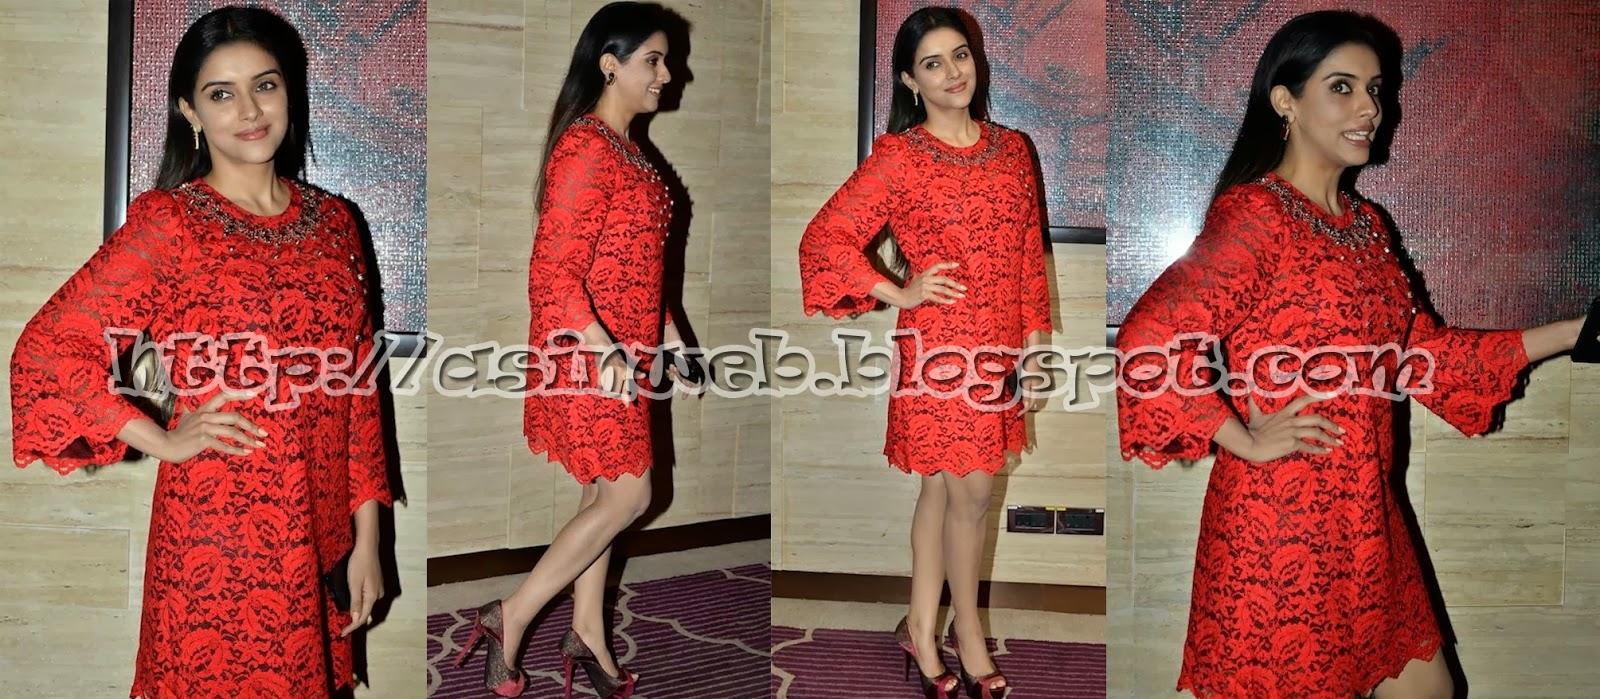 Indian-cinema-actress-Kerala-filmstar-Asin